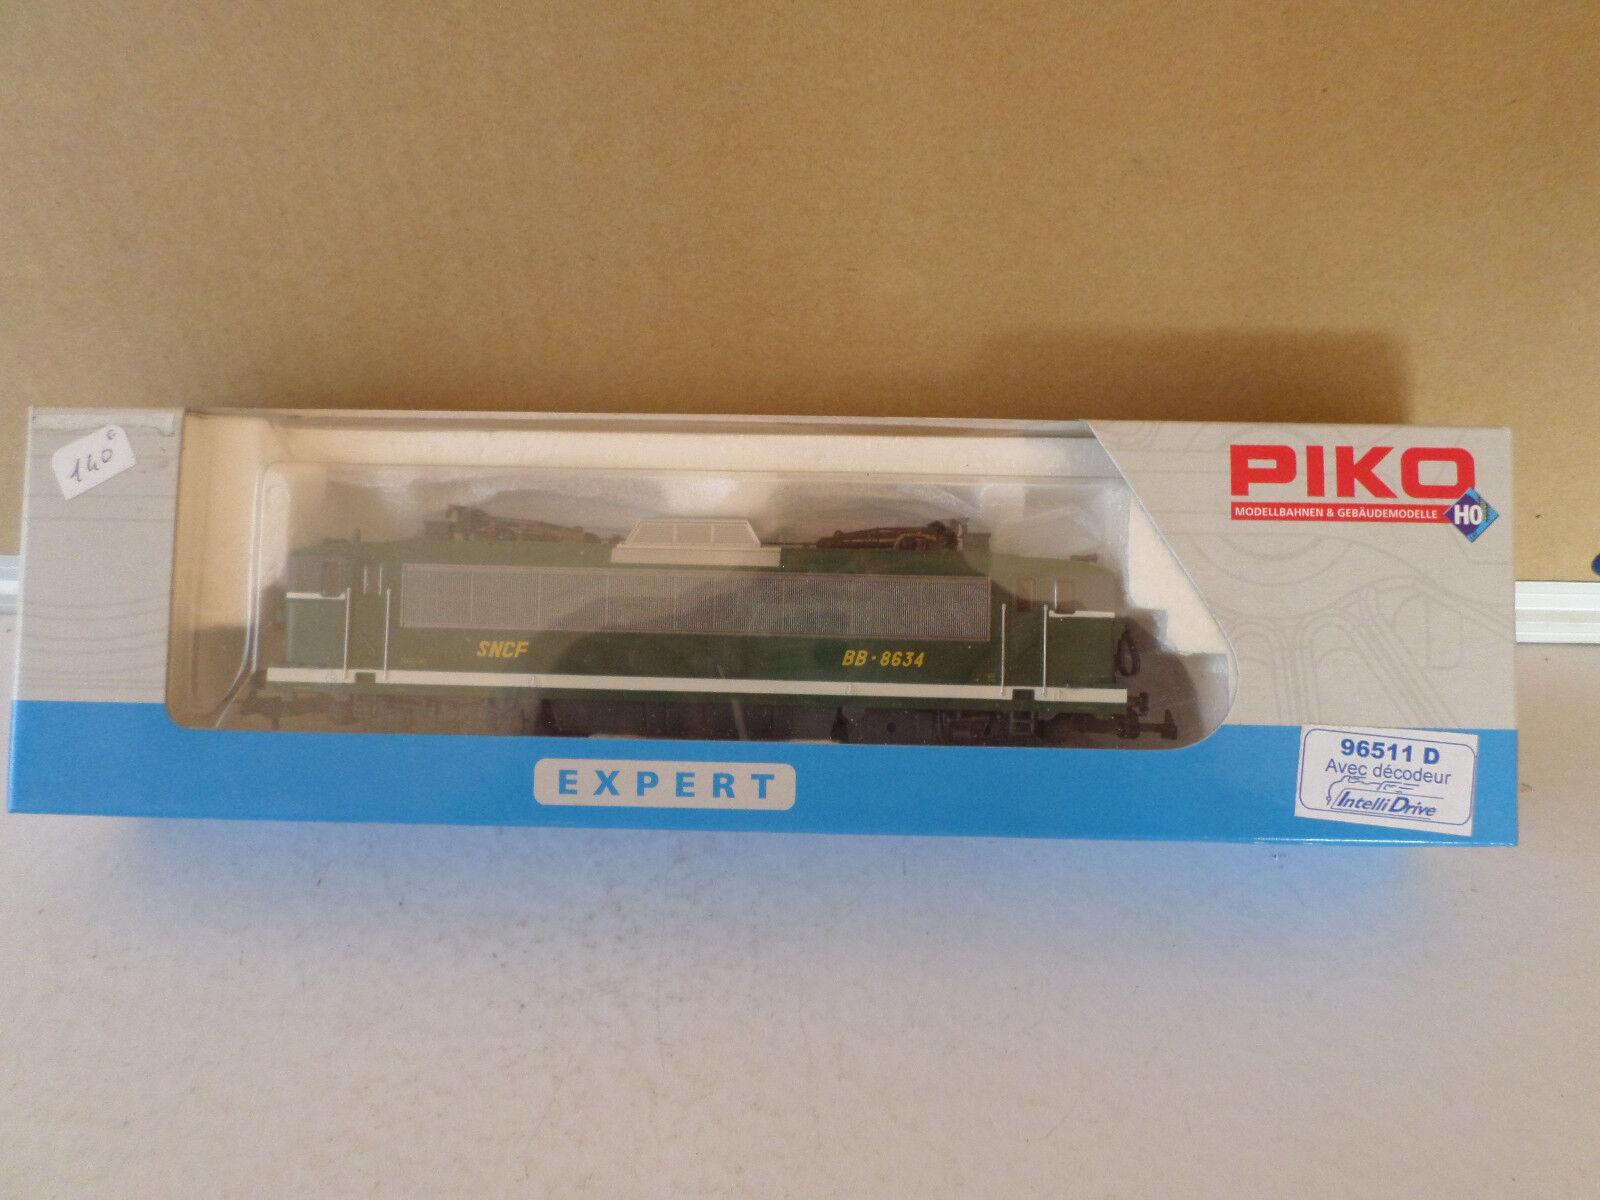 Piko locomotive electrique 96511D avec décodeur  bb8634 greene dépot de toulouse